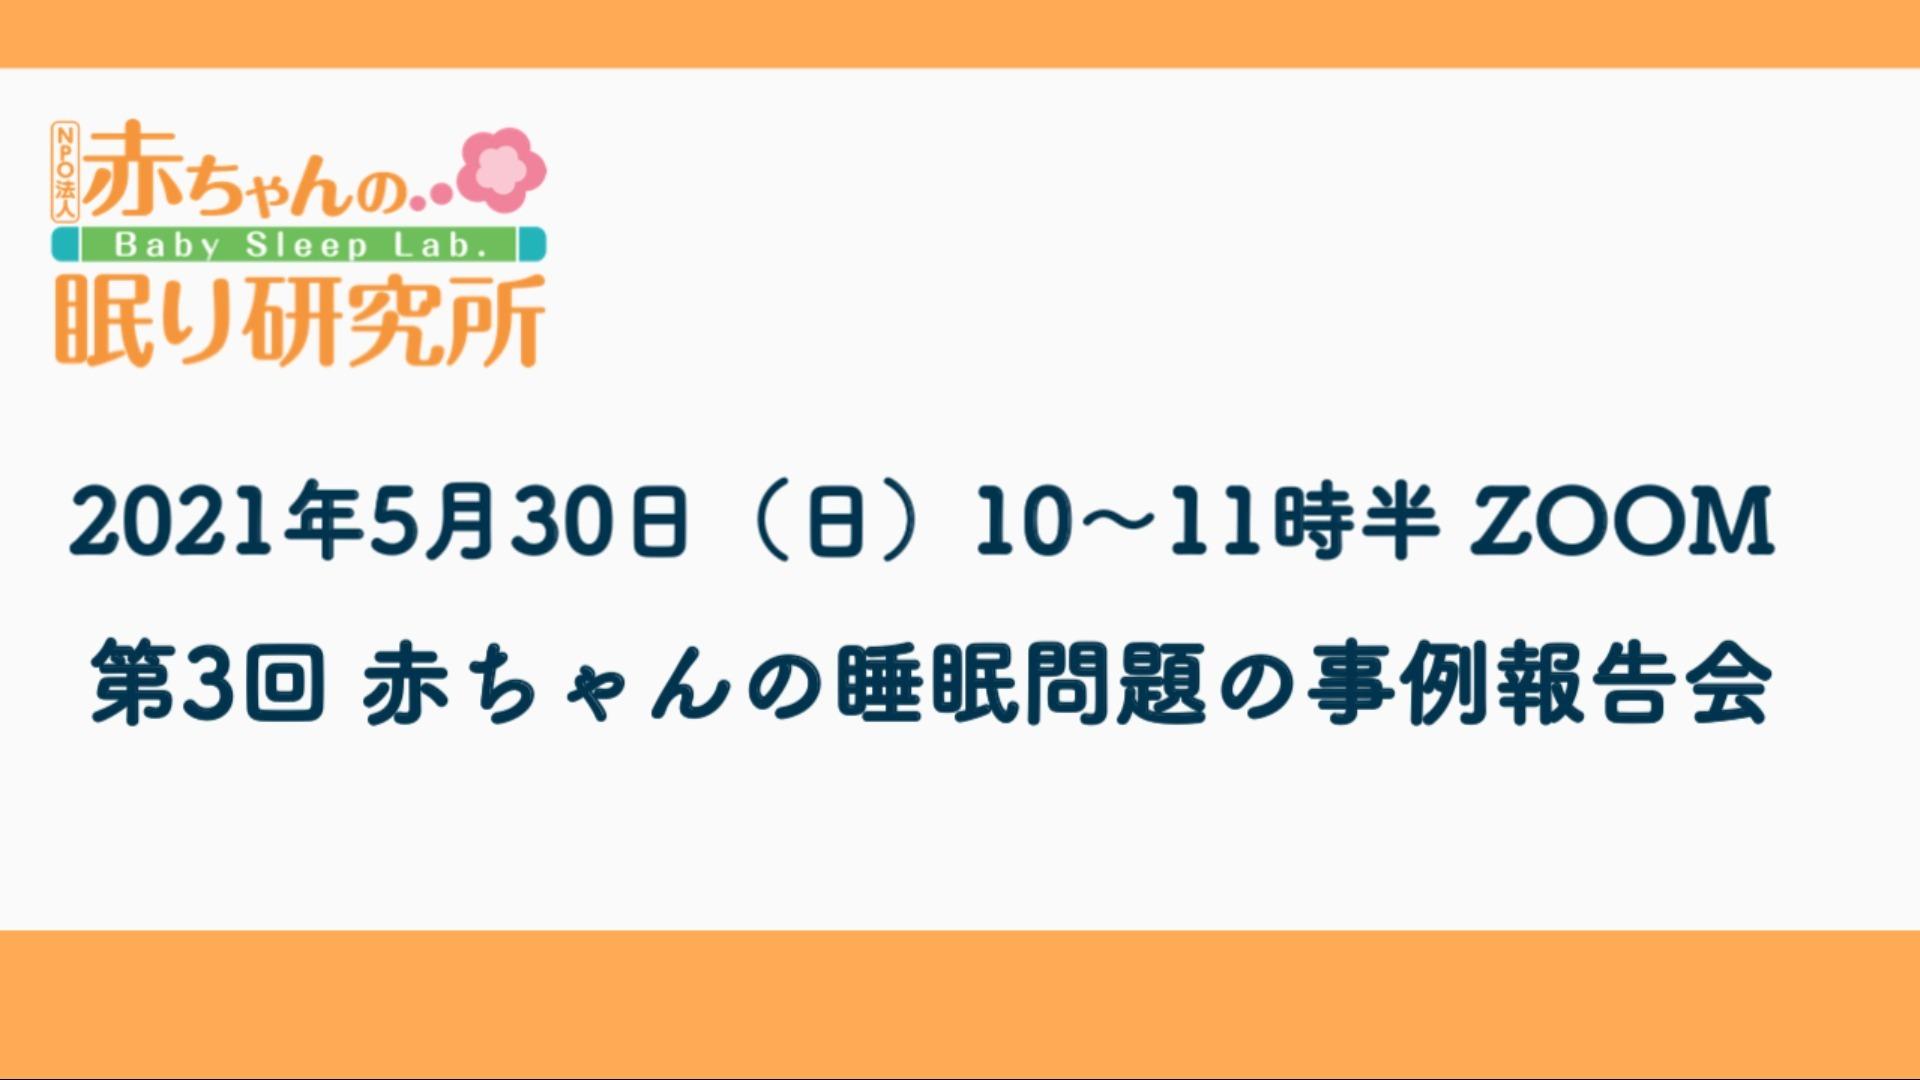 【終了しました】5/30(日)第3回 赤ちゃんの睡眠問題の事例報告会